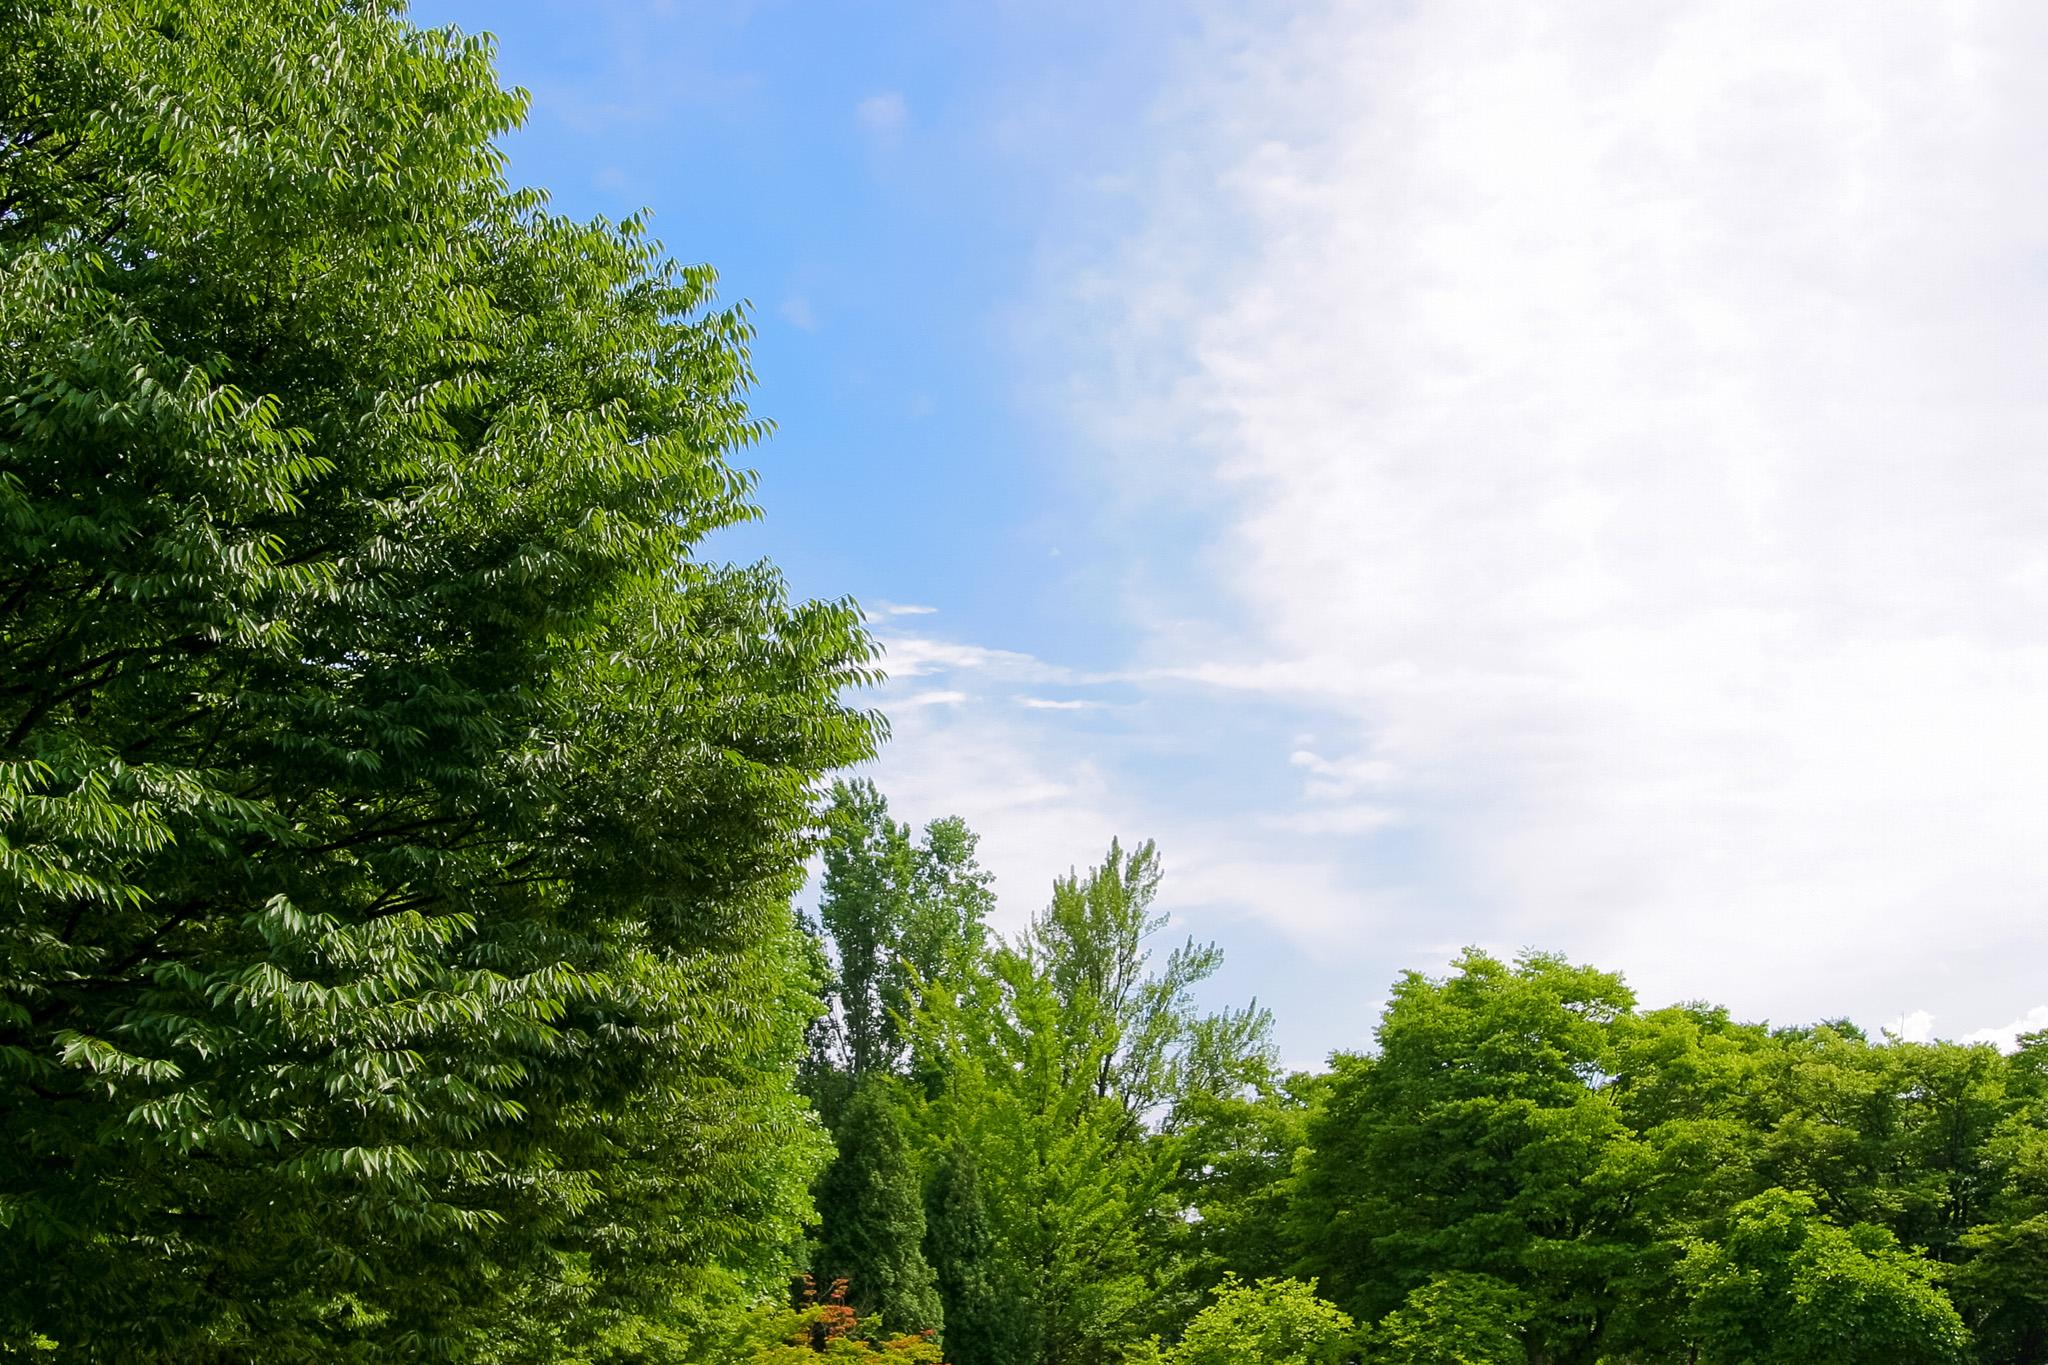 「連なる木々の向こうの青空」の素材を無料ダウンロード